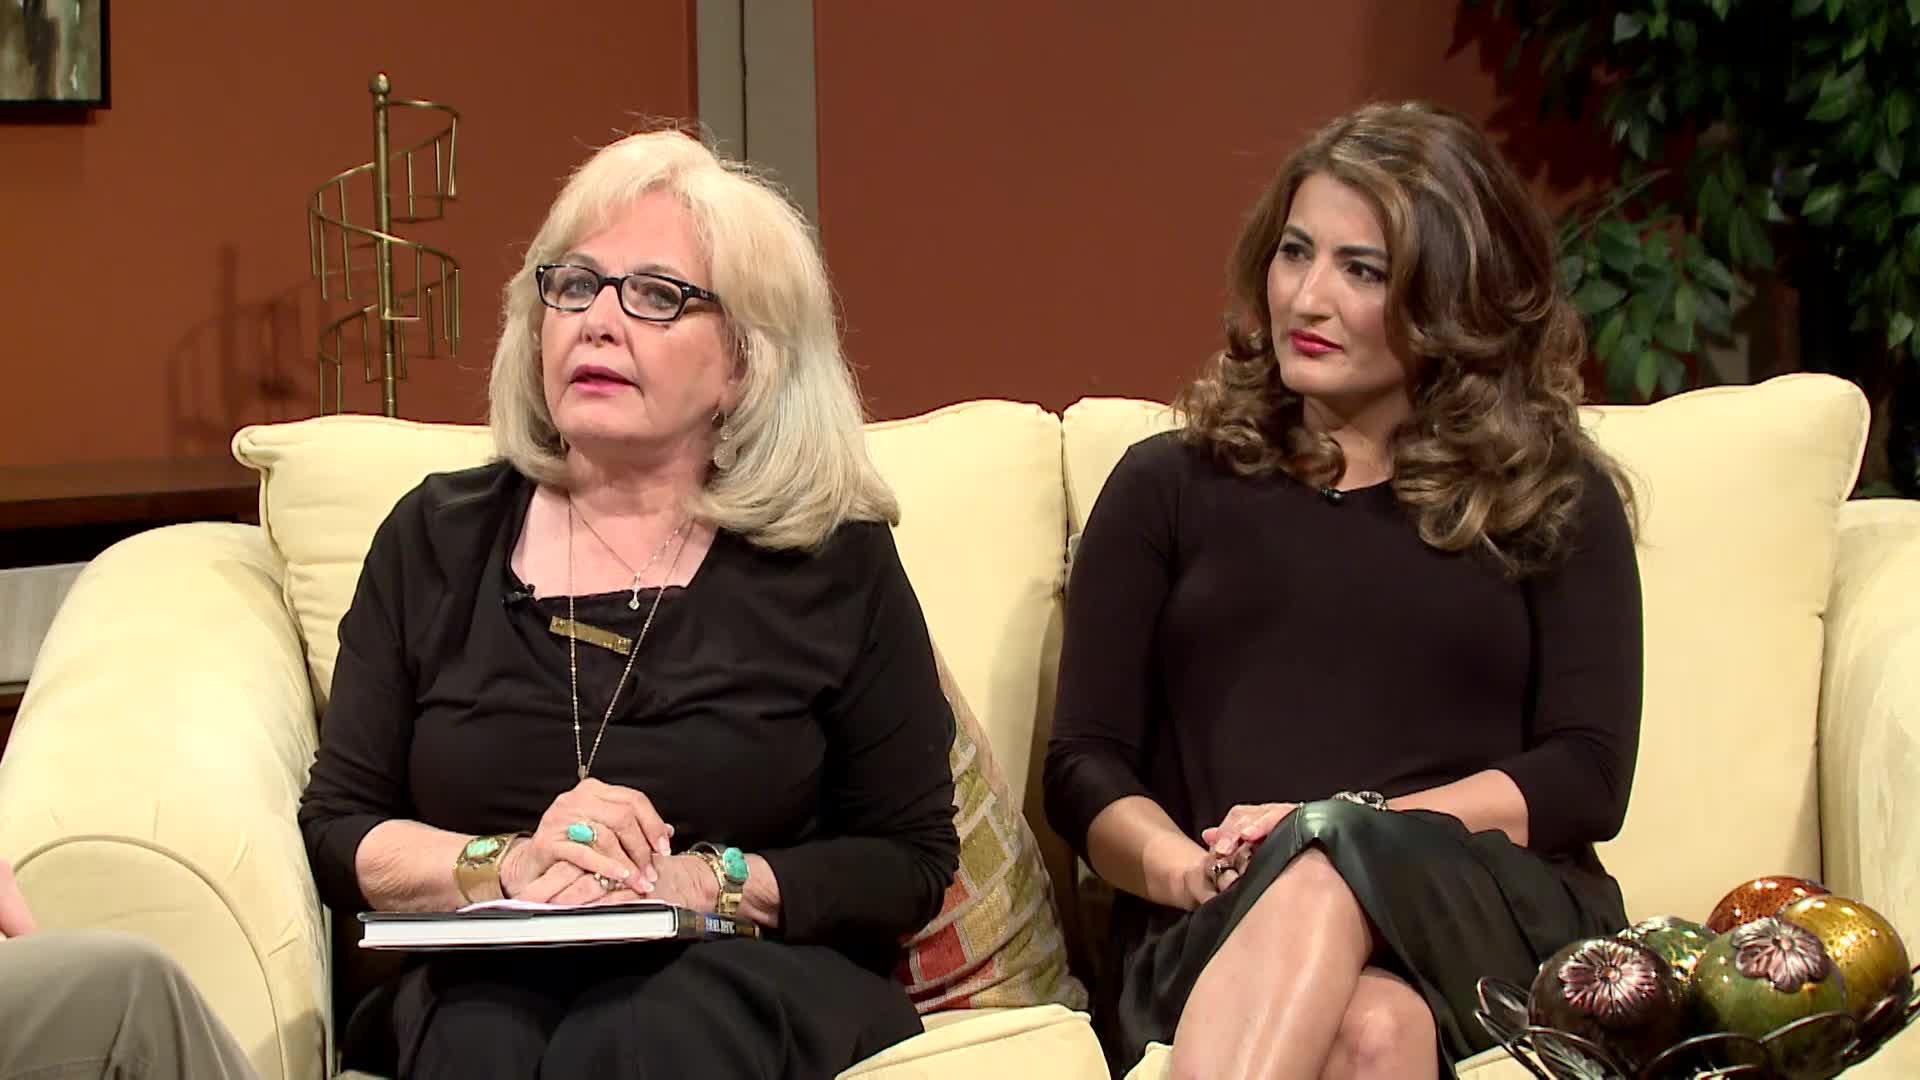 Friends and Neighbors - Sherry Tatum - Sandra Onal - Doug Hershey - Israel Rising